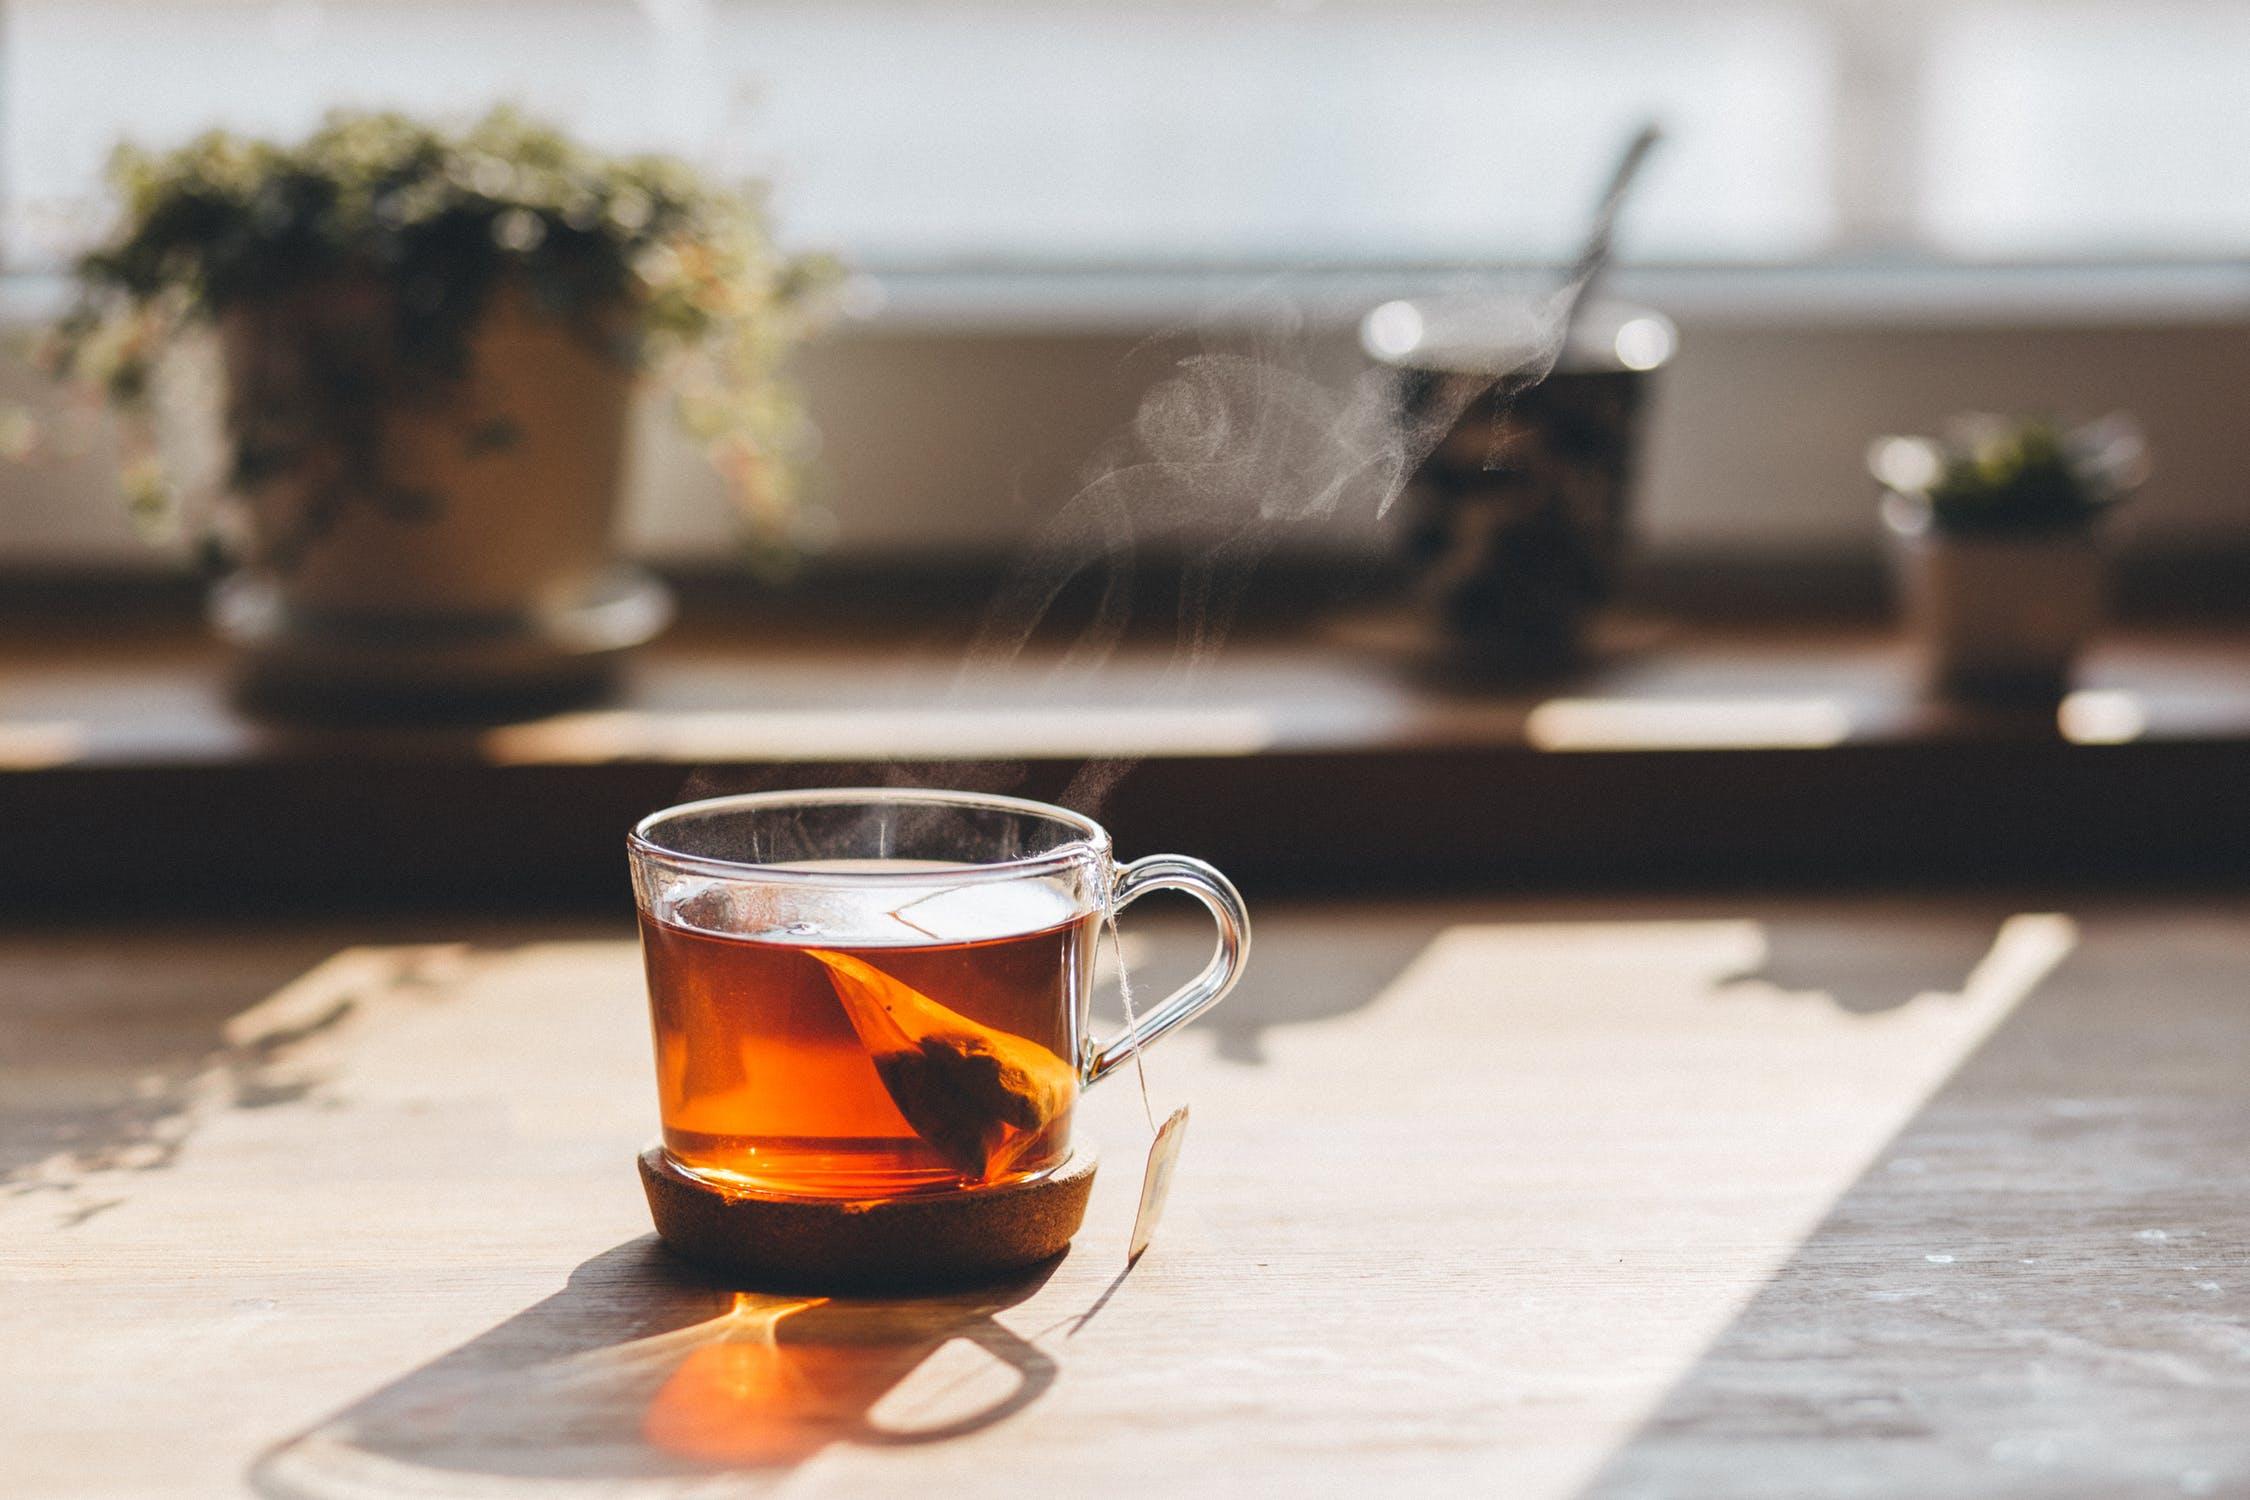 Ceaiul alb - Care sunt principalele beneficii pentru sanatate?